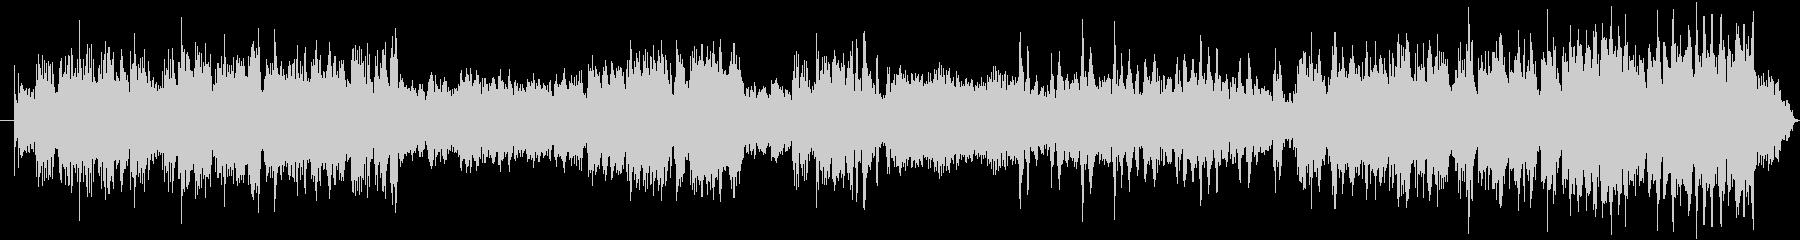 明るめ、軽快な曲のイメージで、バッハの…の未再生の波形